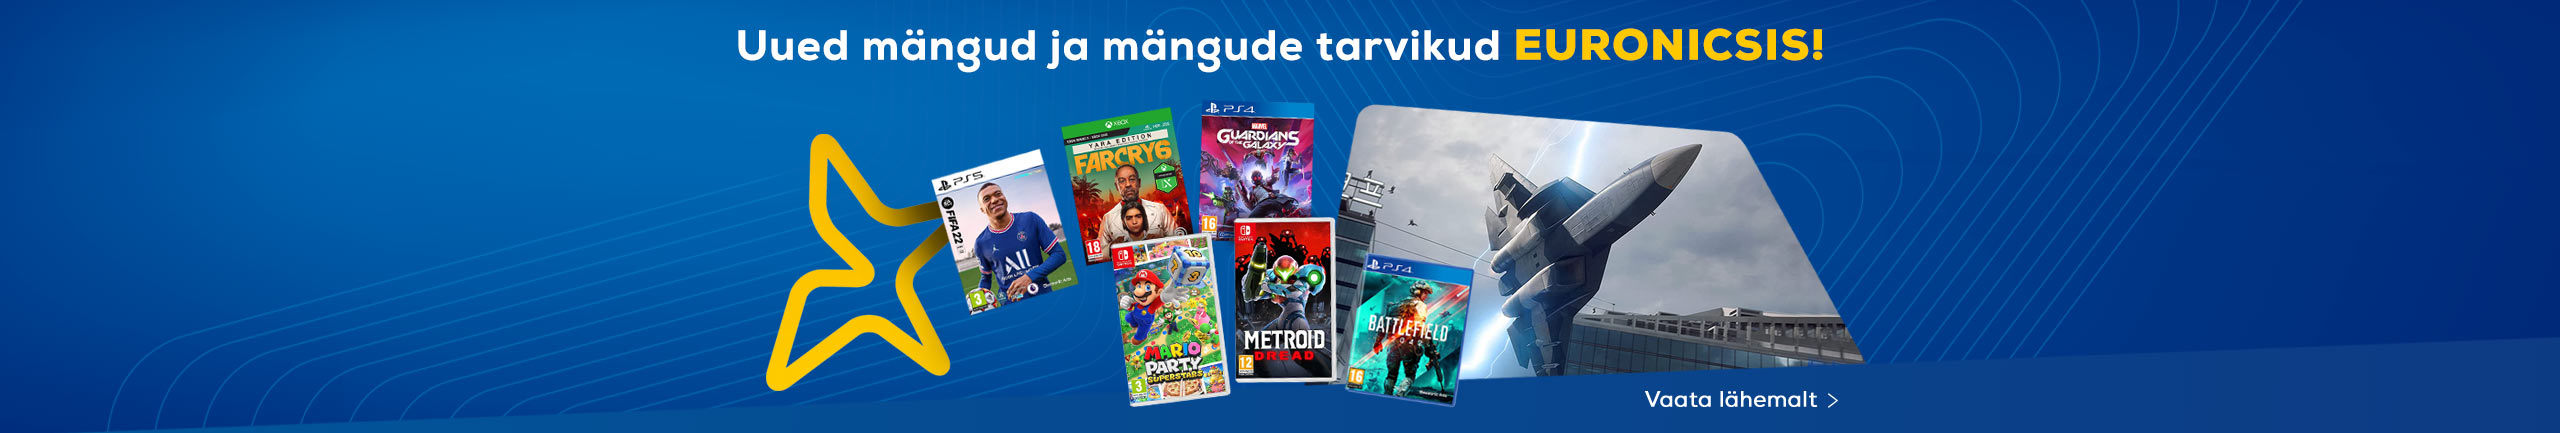 Uued mängud ja mängude tarvikud oktoobris!